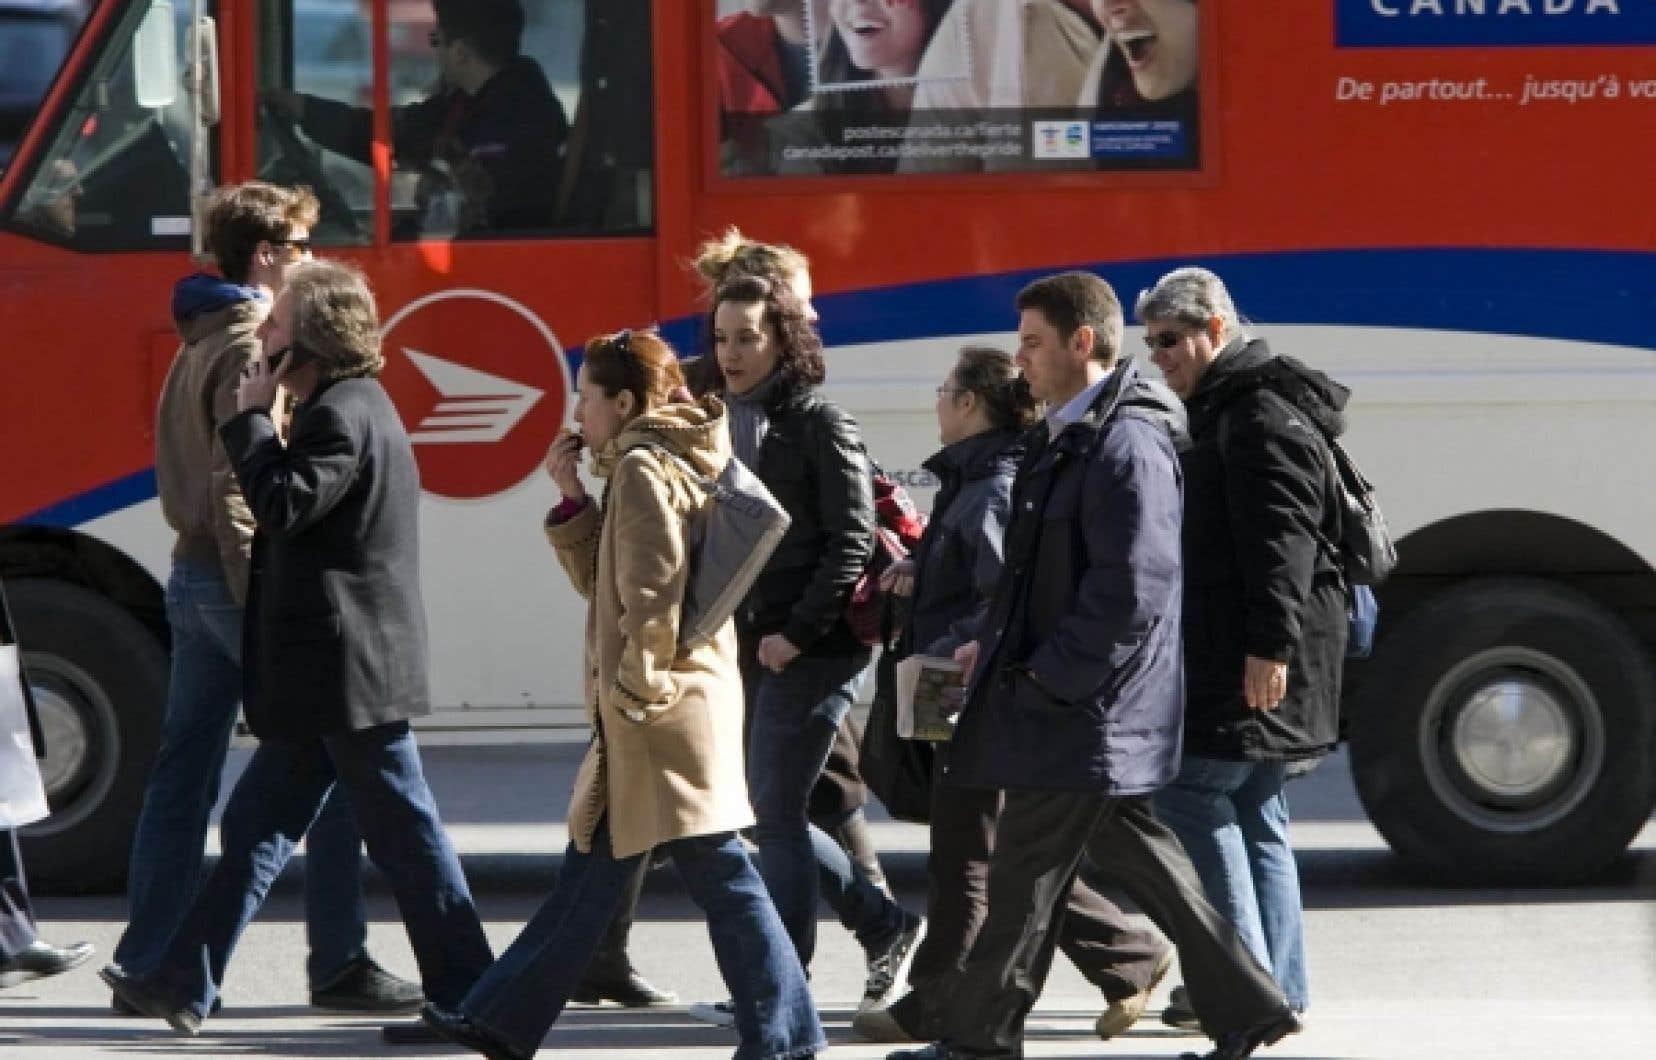 Pour le Montr&eacute;alais moyen, traverser la rue est un jeu d&rsquo;enfant. Pour les handicap&eacute;s, les aveugles en particulier, la t&acirc;che peut s&rsquo;av&eacute;rer ardue.<br />